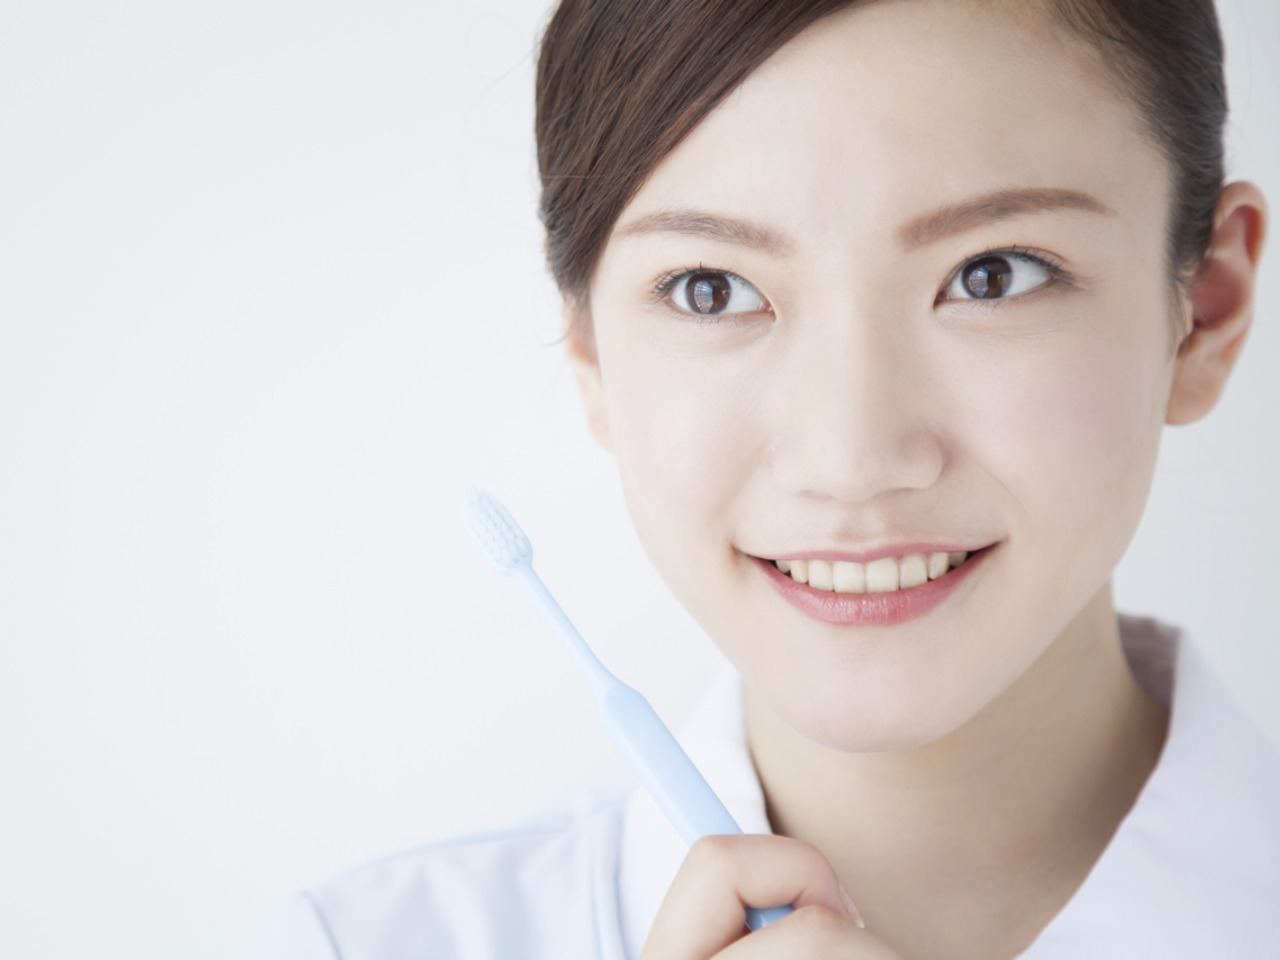 むし歯による悪影響 ―予防の重要性―